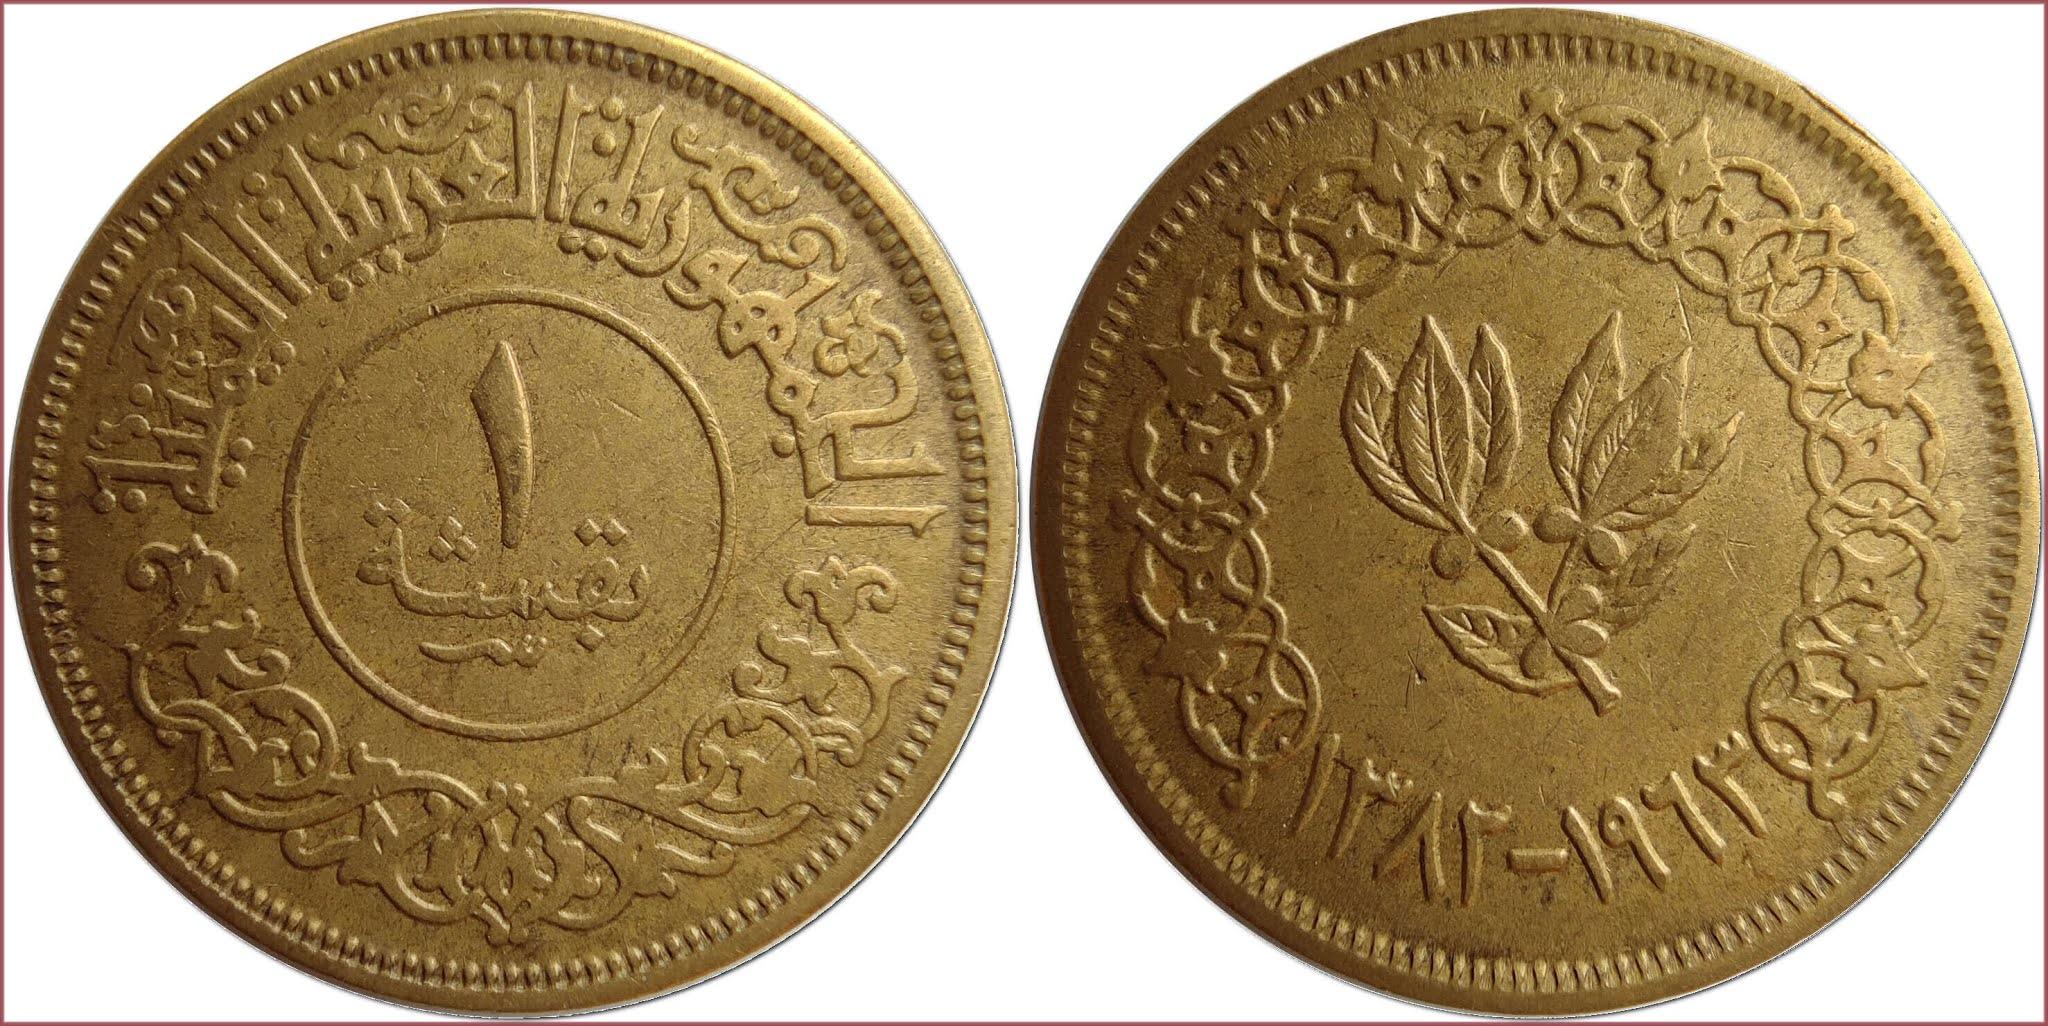 1 buqsha (بقشة), 1963: Yemen Arab Republic